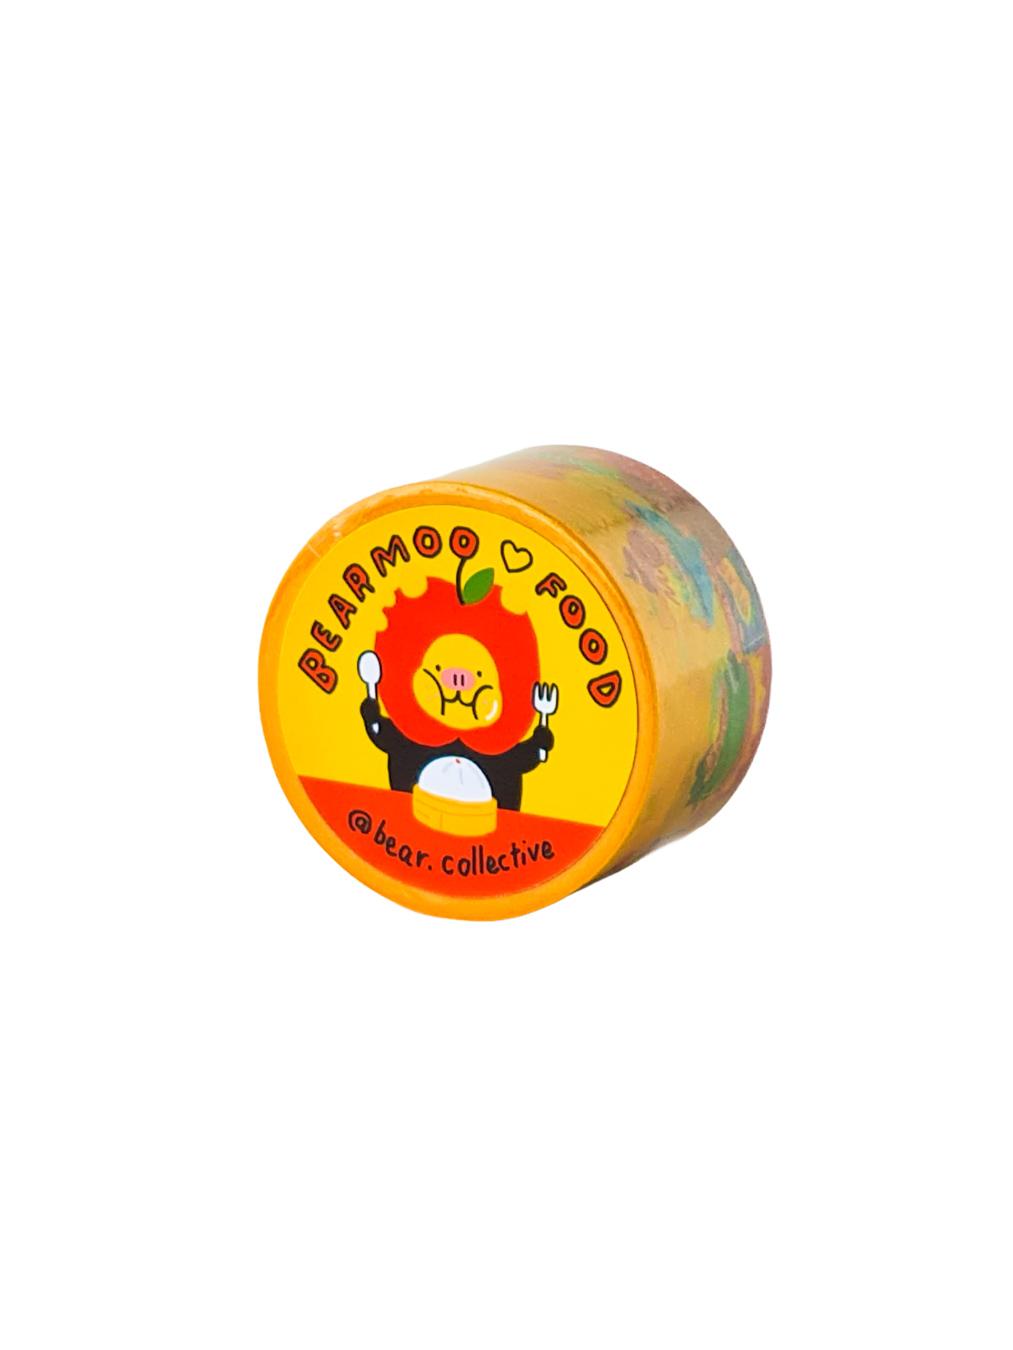 Bearmoo Love Food Tape